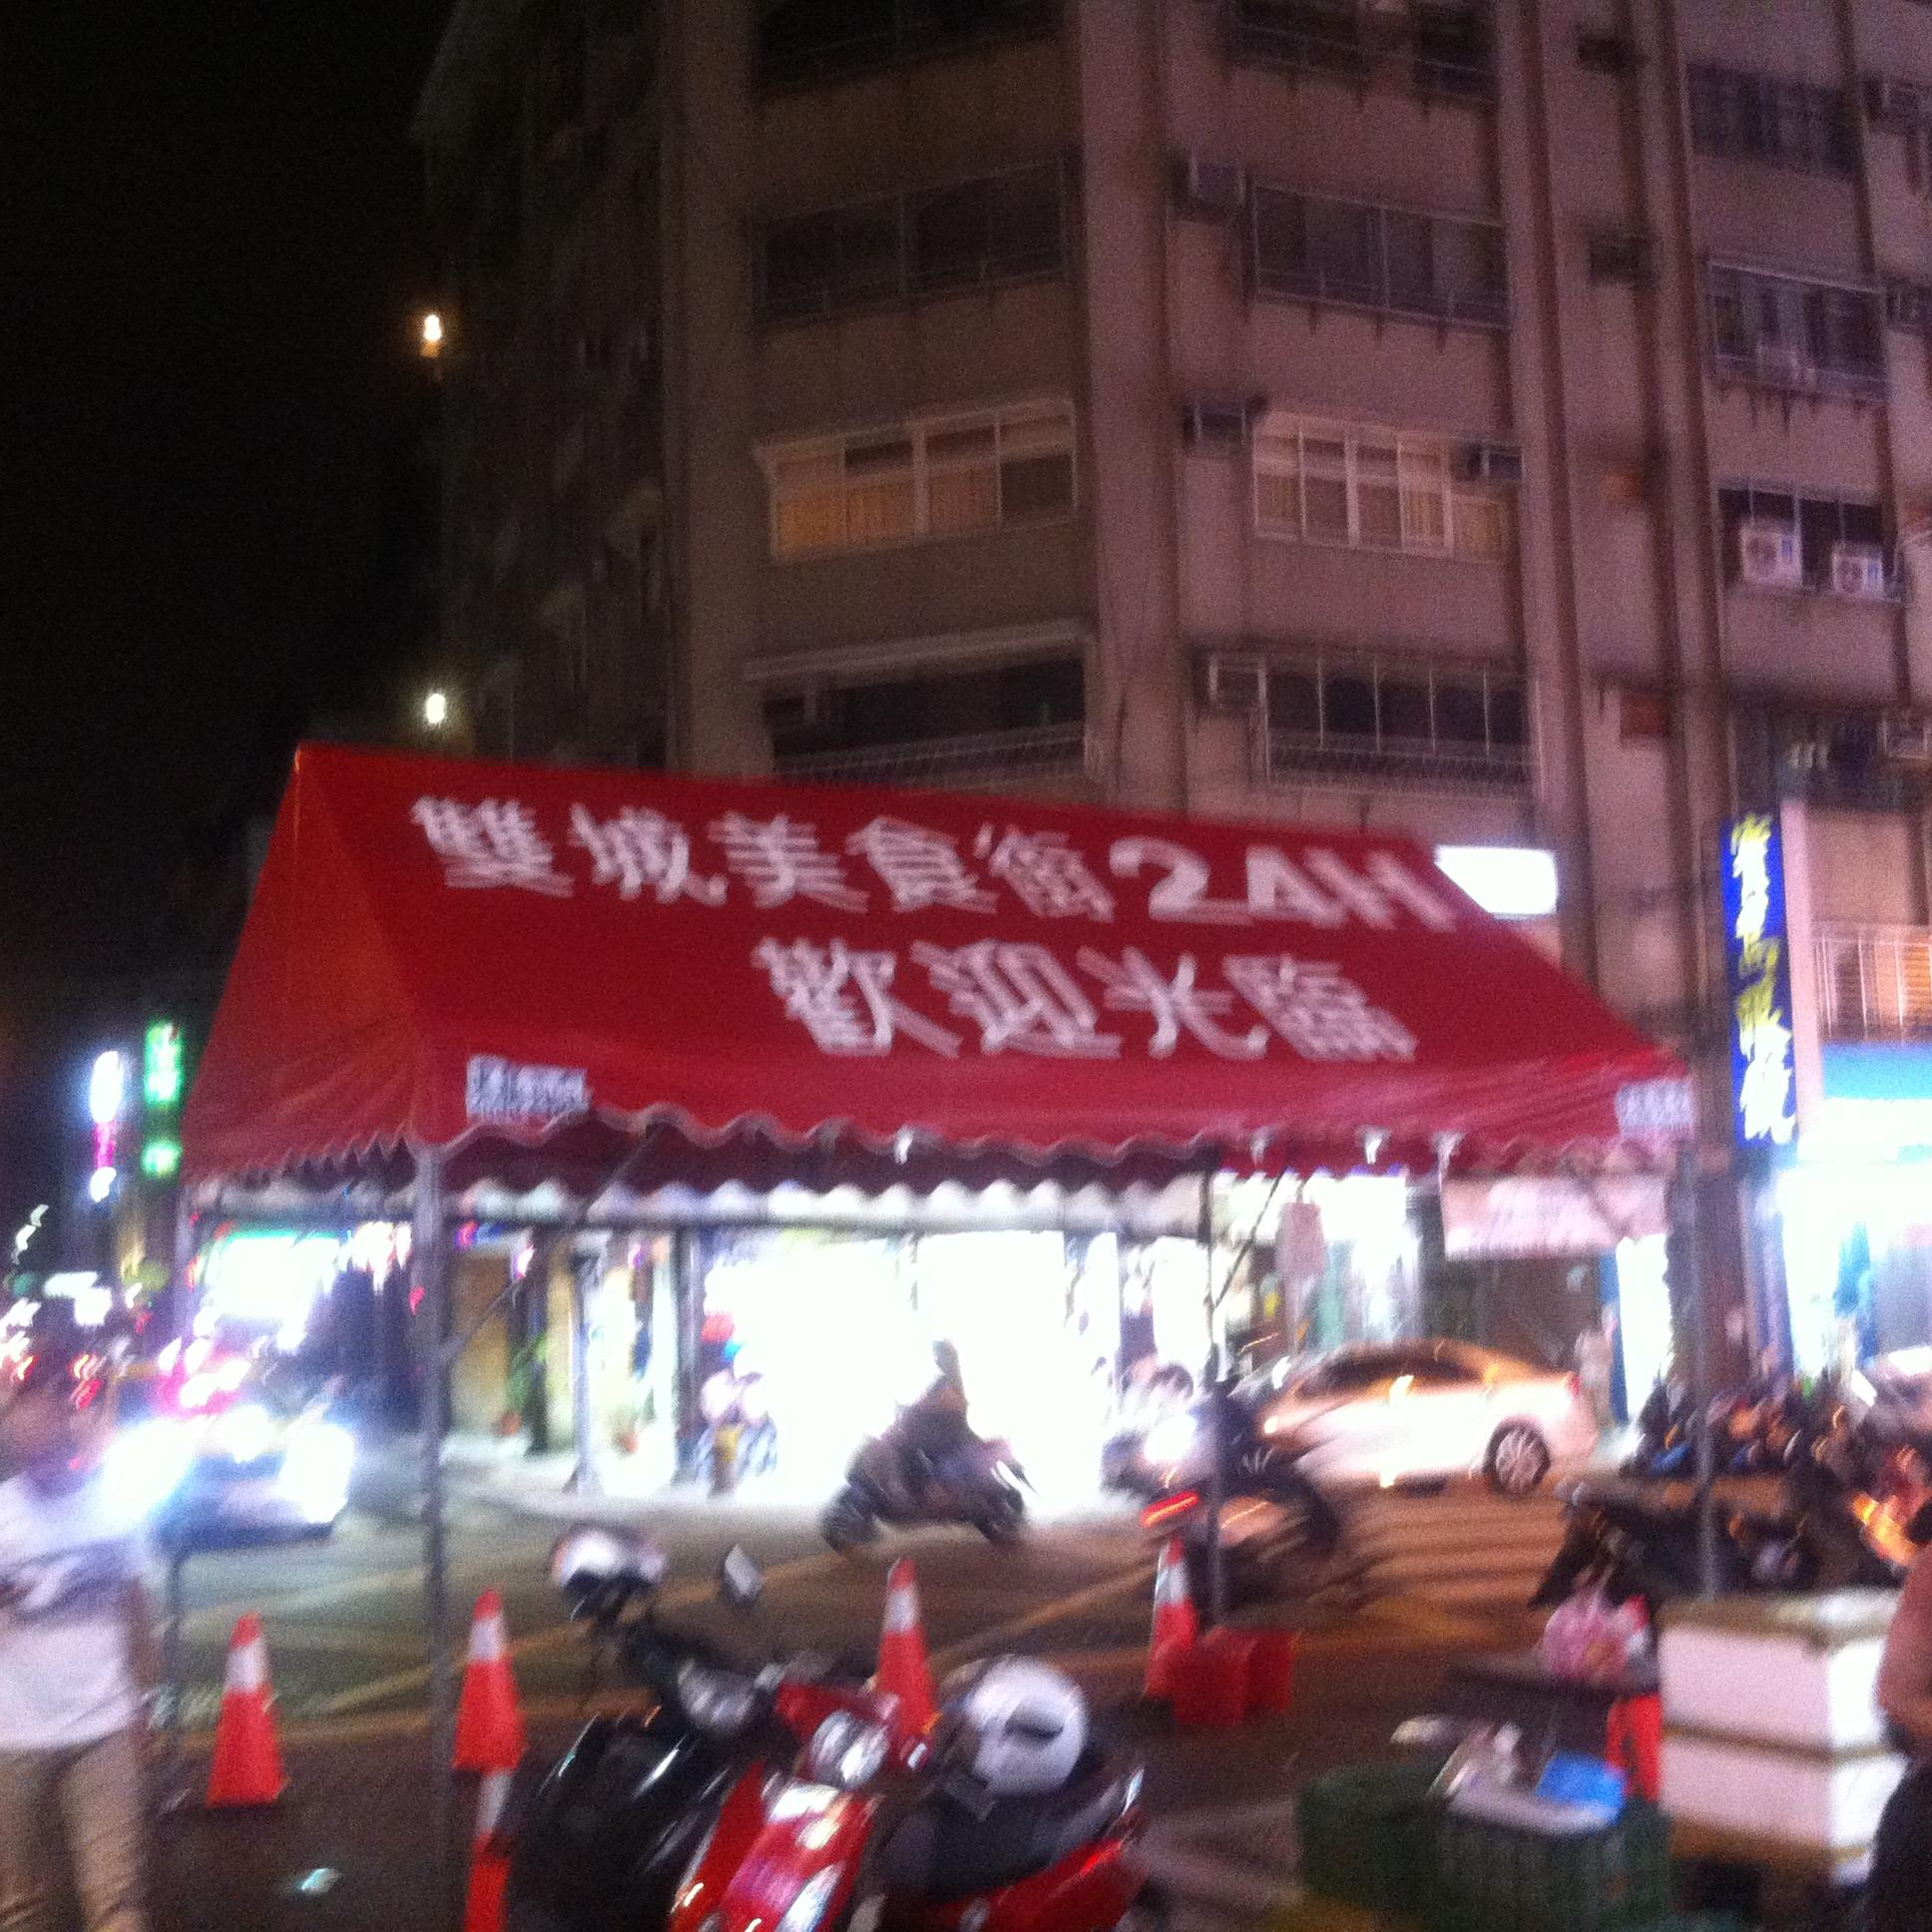 【夜市】雙城街夜市は昼と夜で違う屋台が建ち並ぶ夜市!